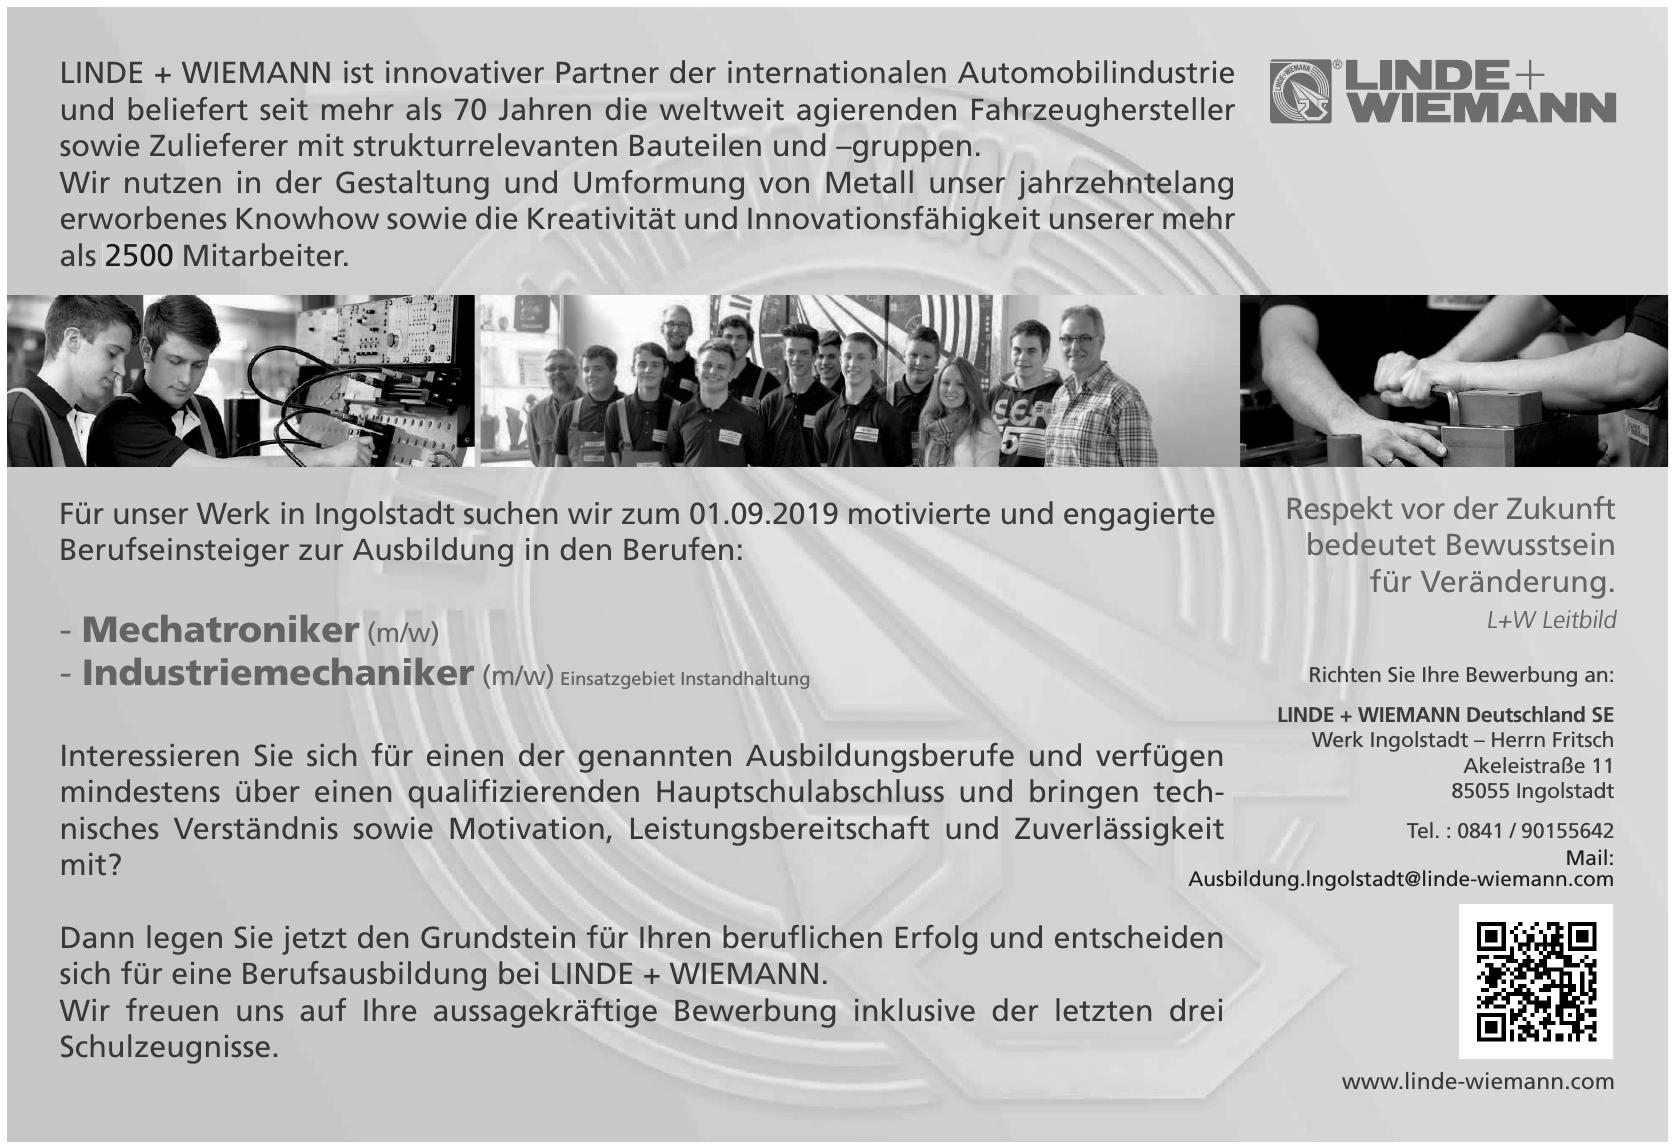 Linde + Wiemann Deutschland SE - Werk Ingolstadt